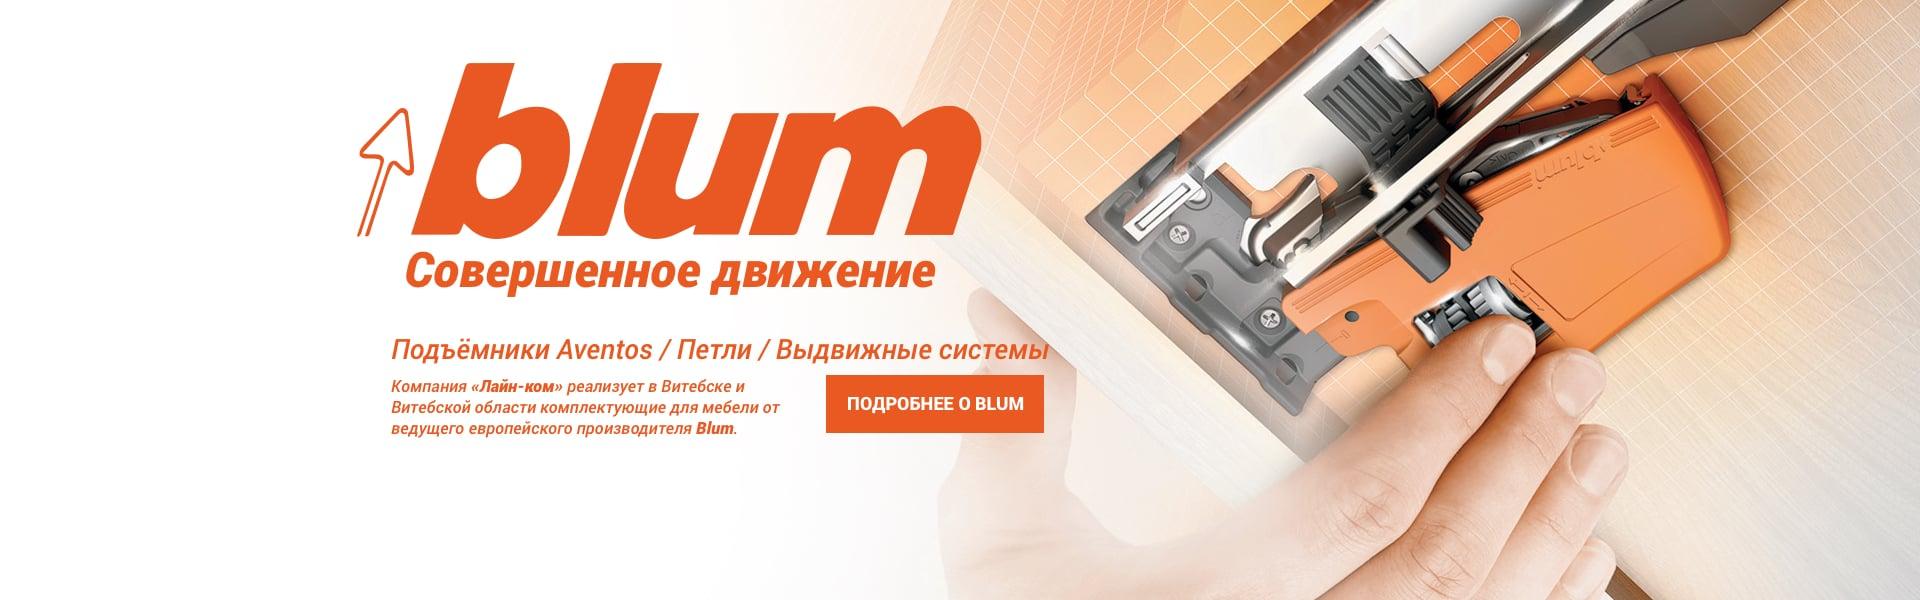 Blum-banner